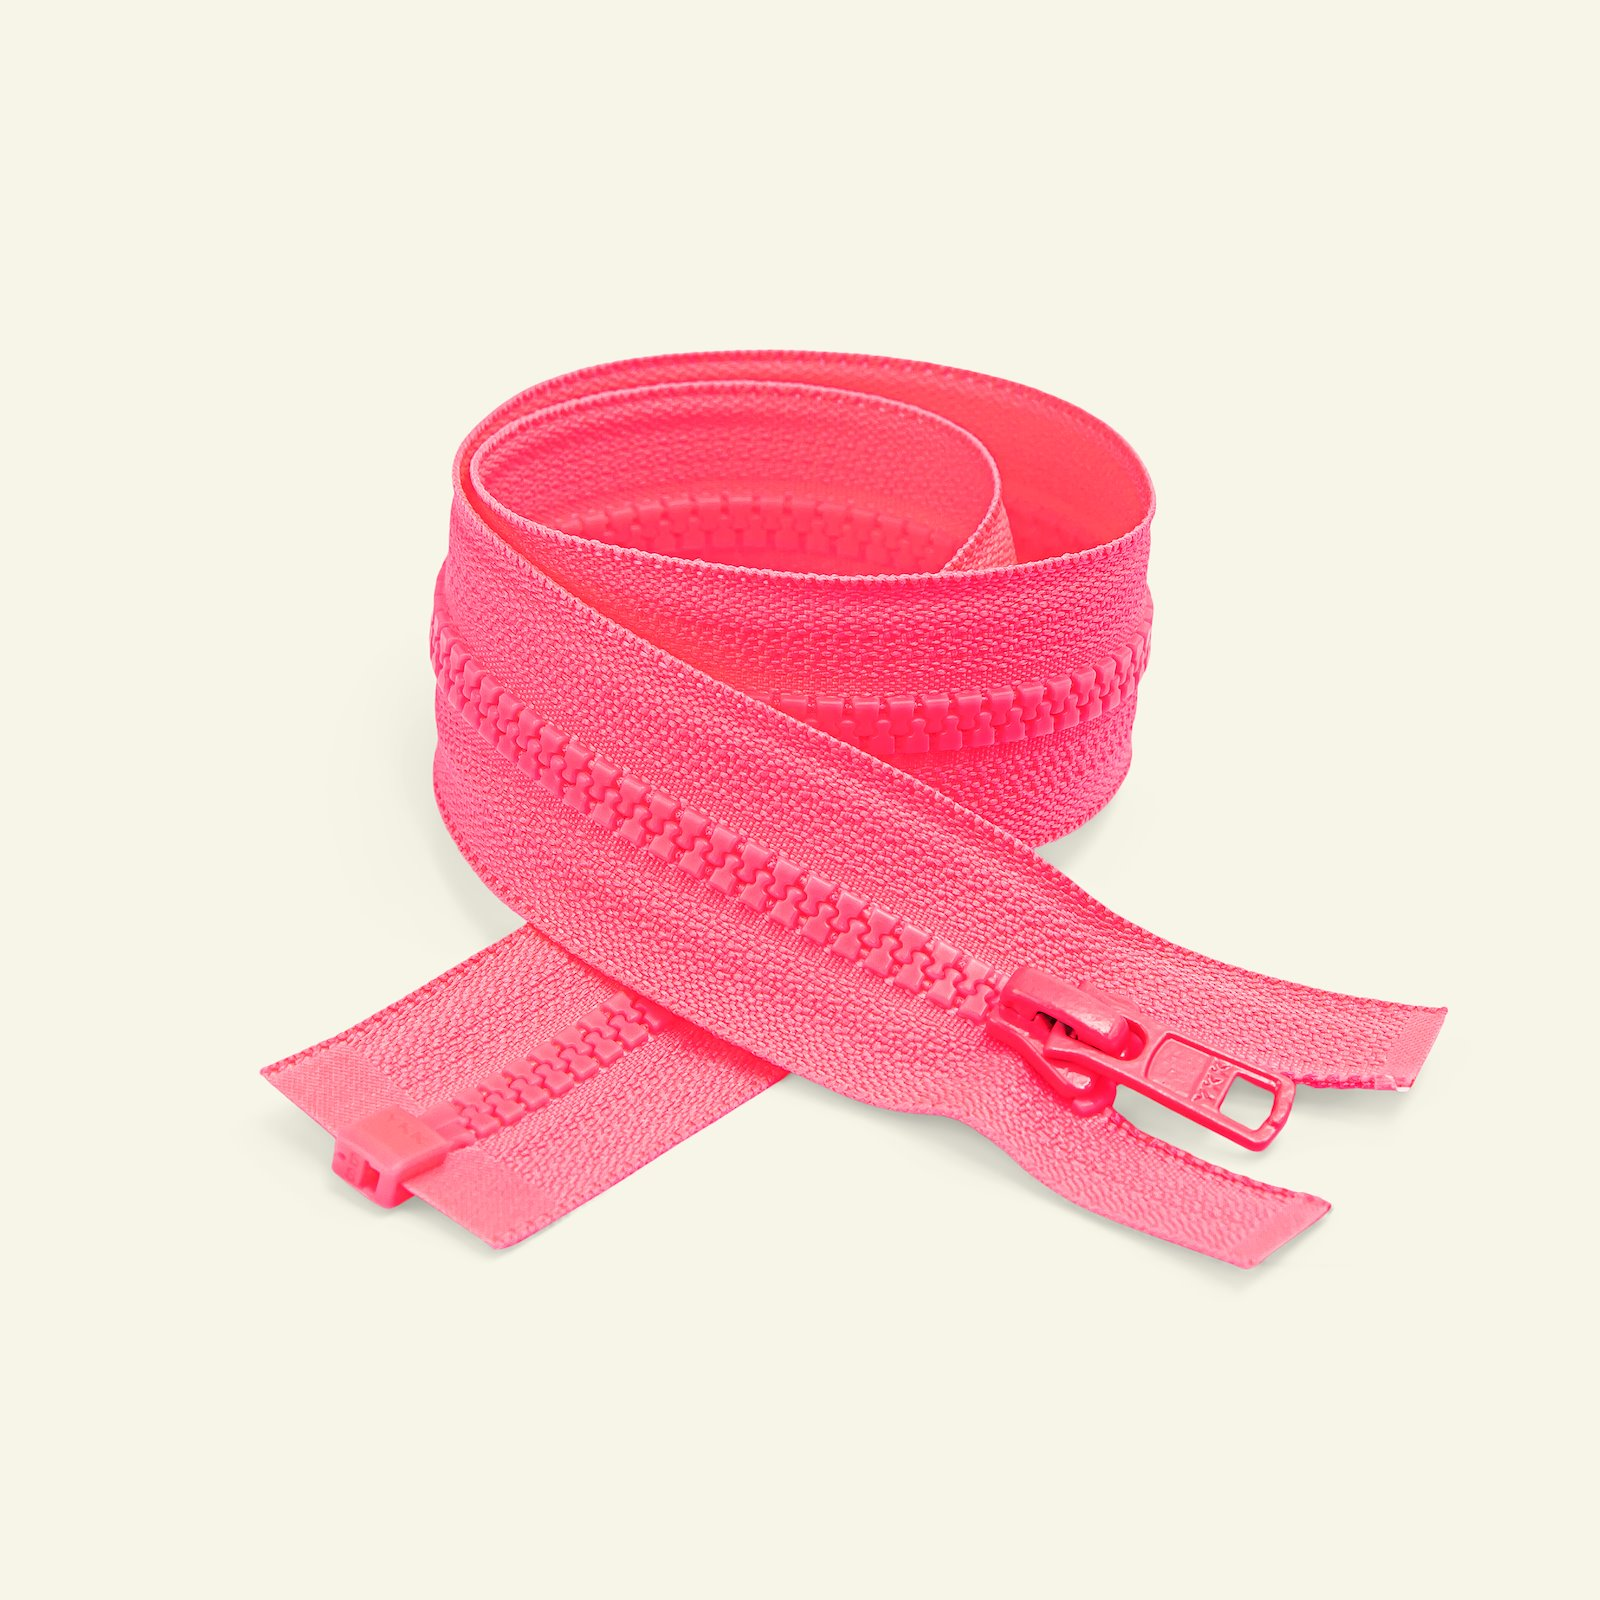 YKK zip 6mm open end 55cm neon pink x50084_pack